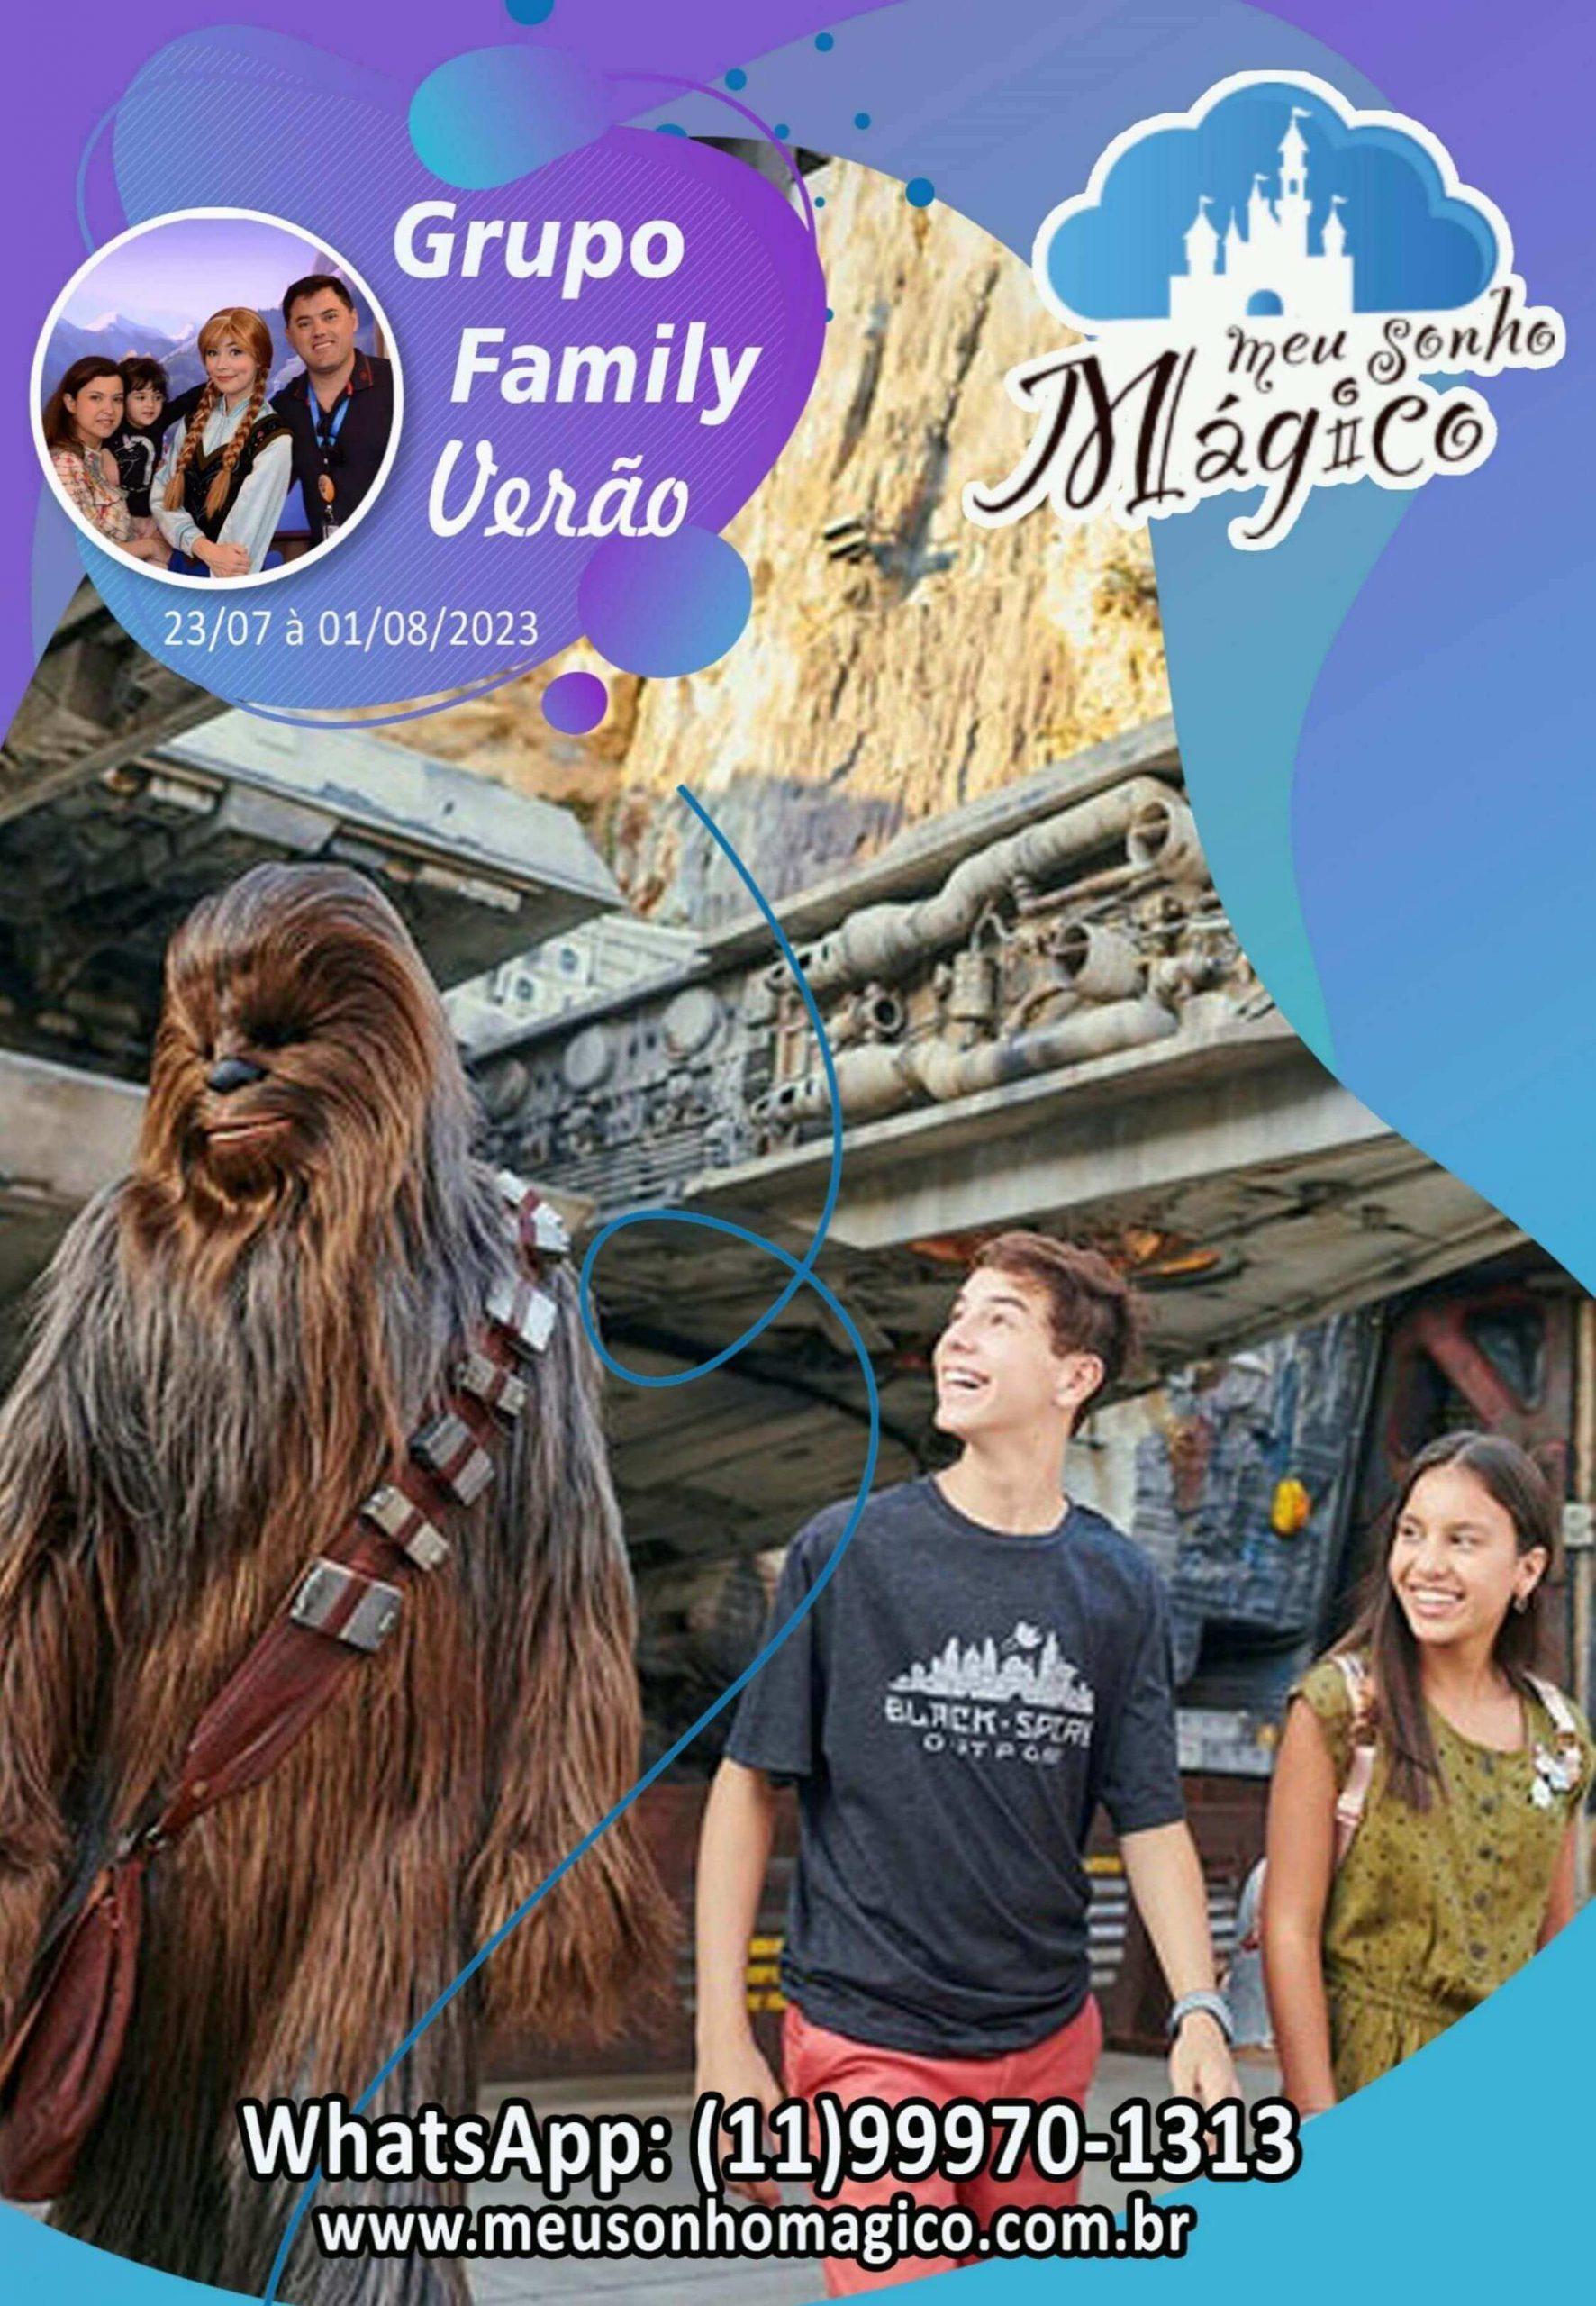 Grupo Family Verão - Disney Julho 2023 1